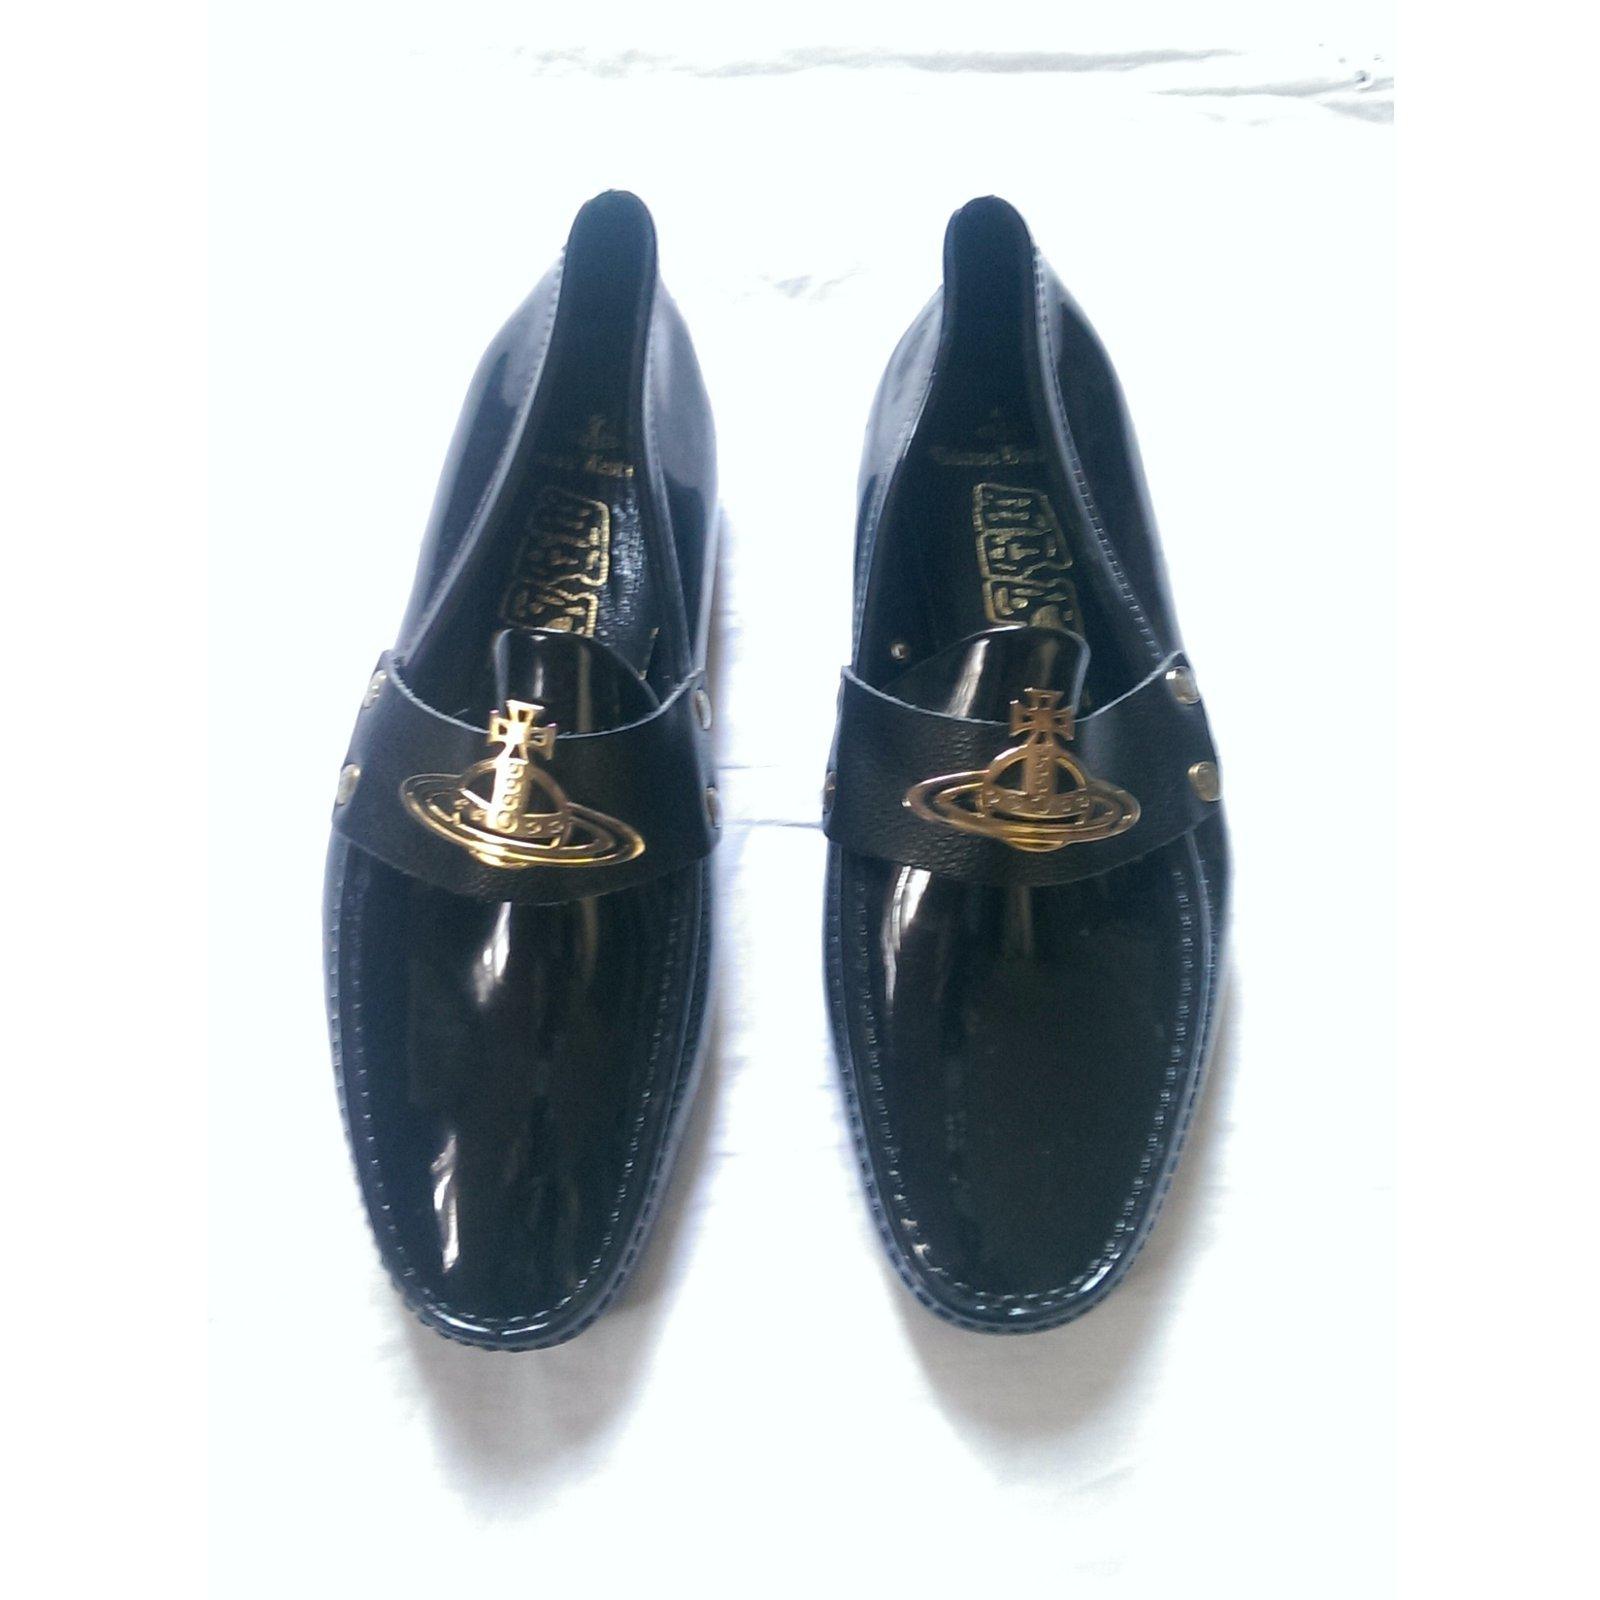 Vivienne Westwood Loafers Slip ons